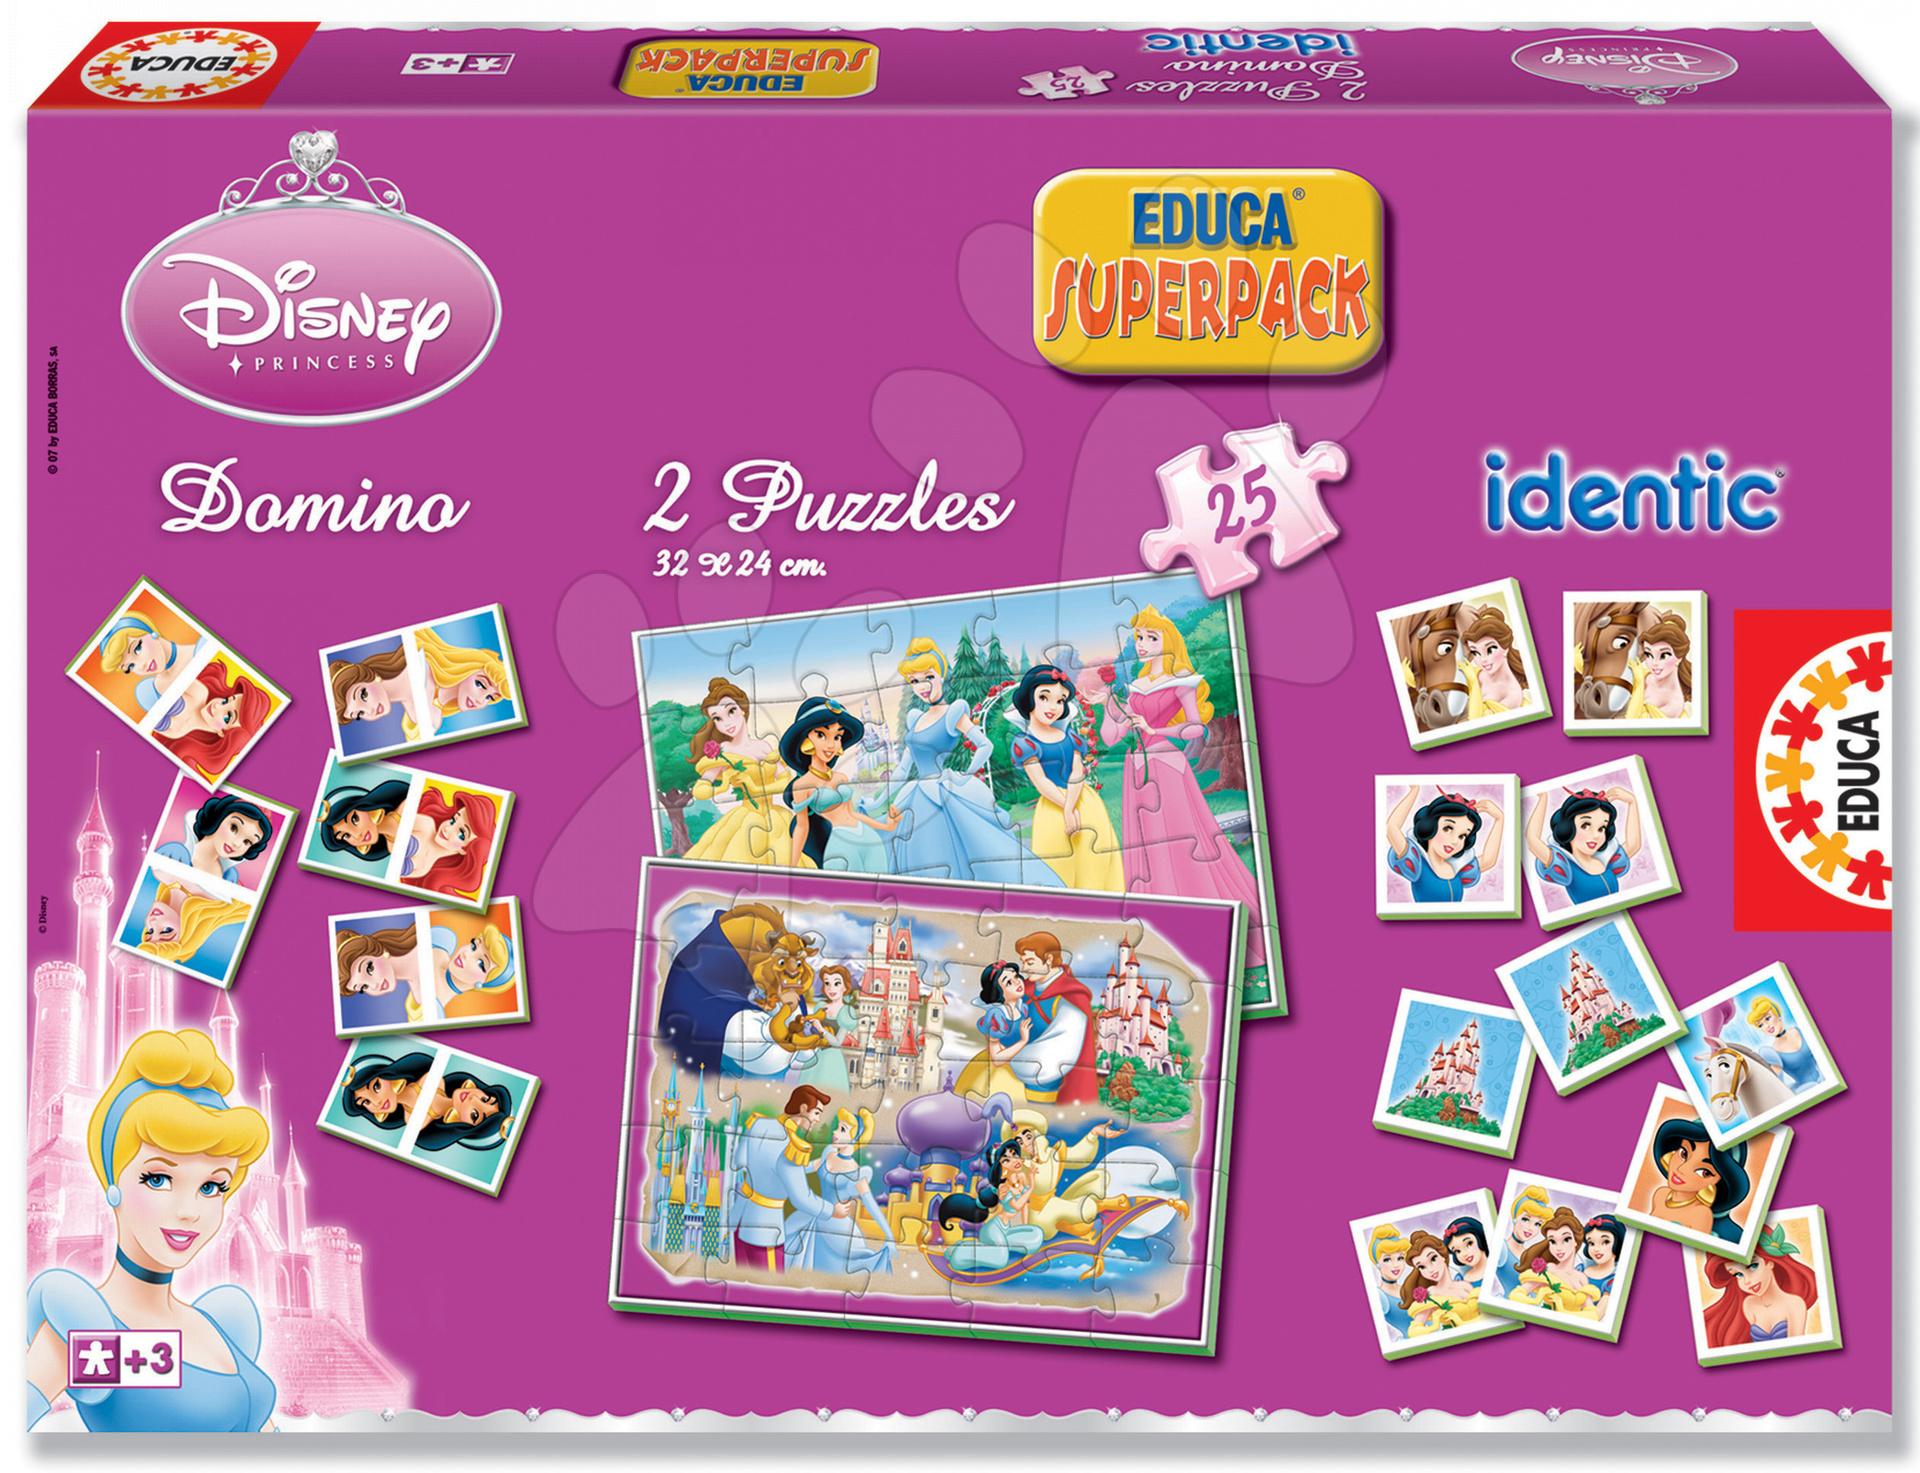 Társasjáték készlet Disney Hercegnők Superpack Educa 2x puzzle, 1x pexeso és 1x dominó